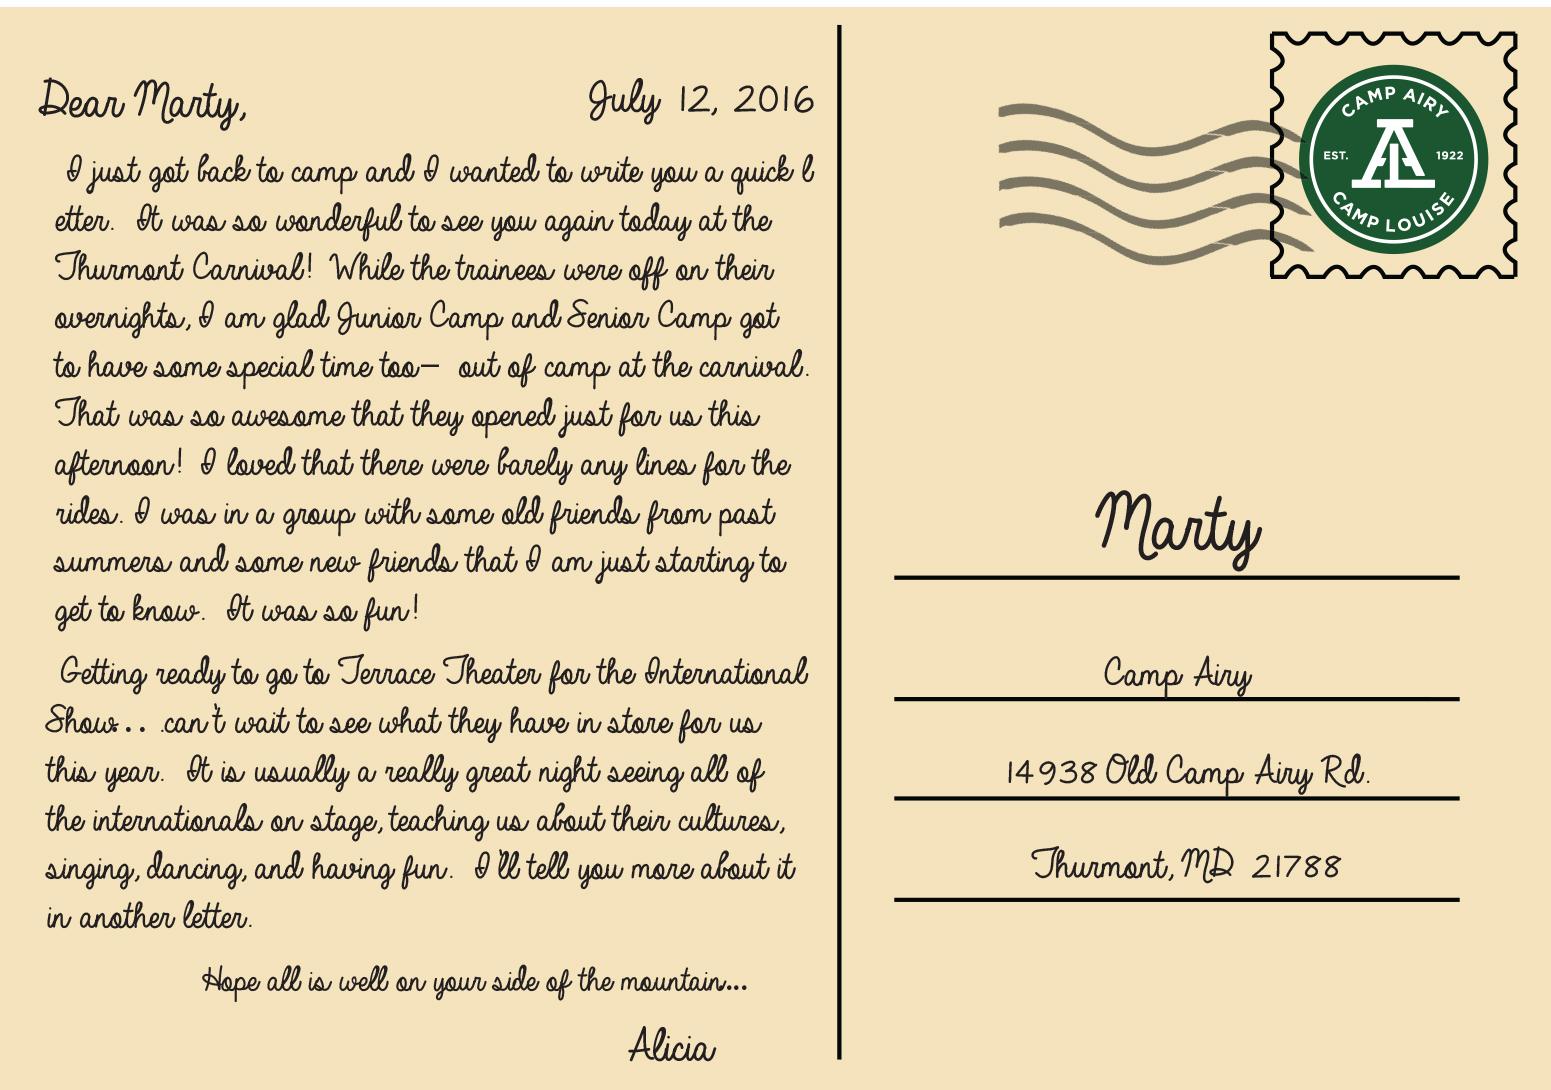 alicia july 12